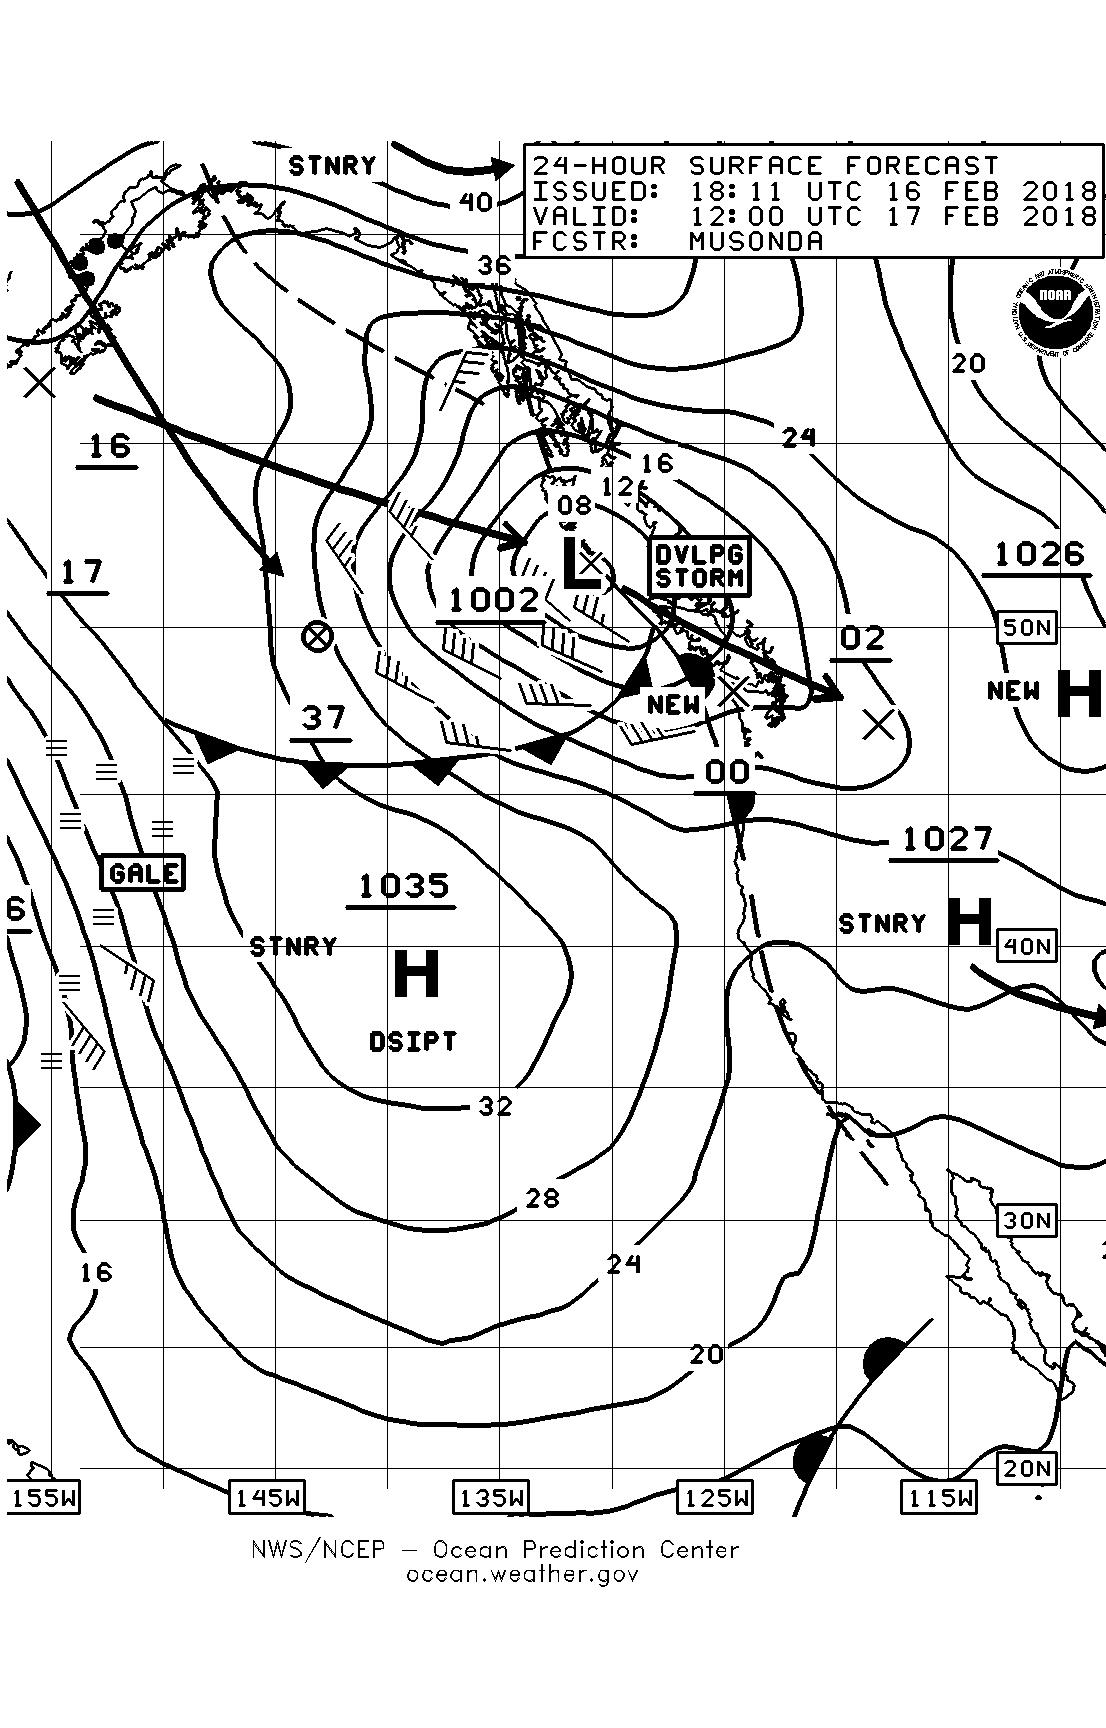 Puget sound marine weather sailish february 17 surface forecast chart nvjuhfo Image collections